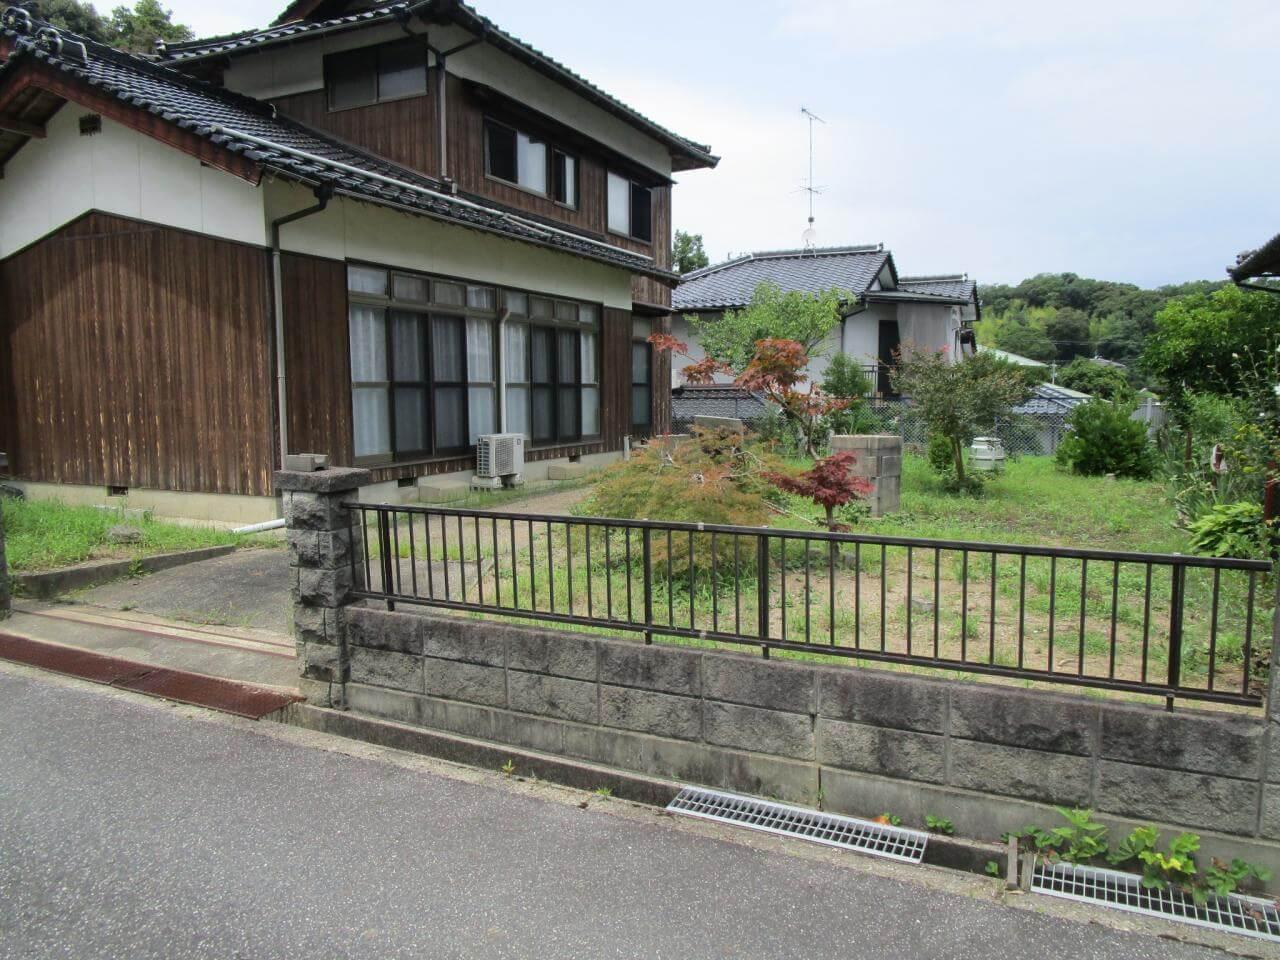 島根県益田市幸町4-65の中古住宅の外観写真